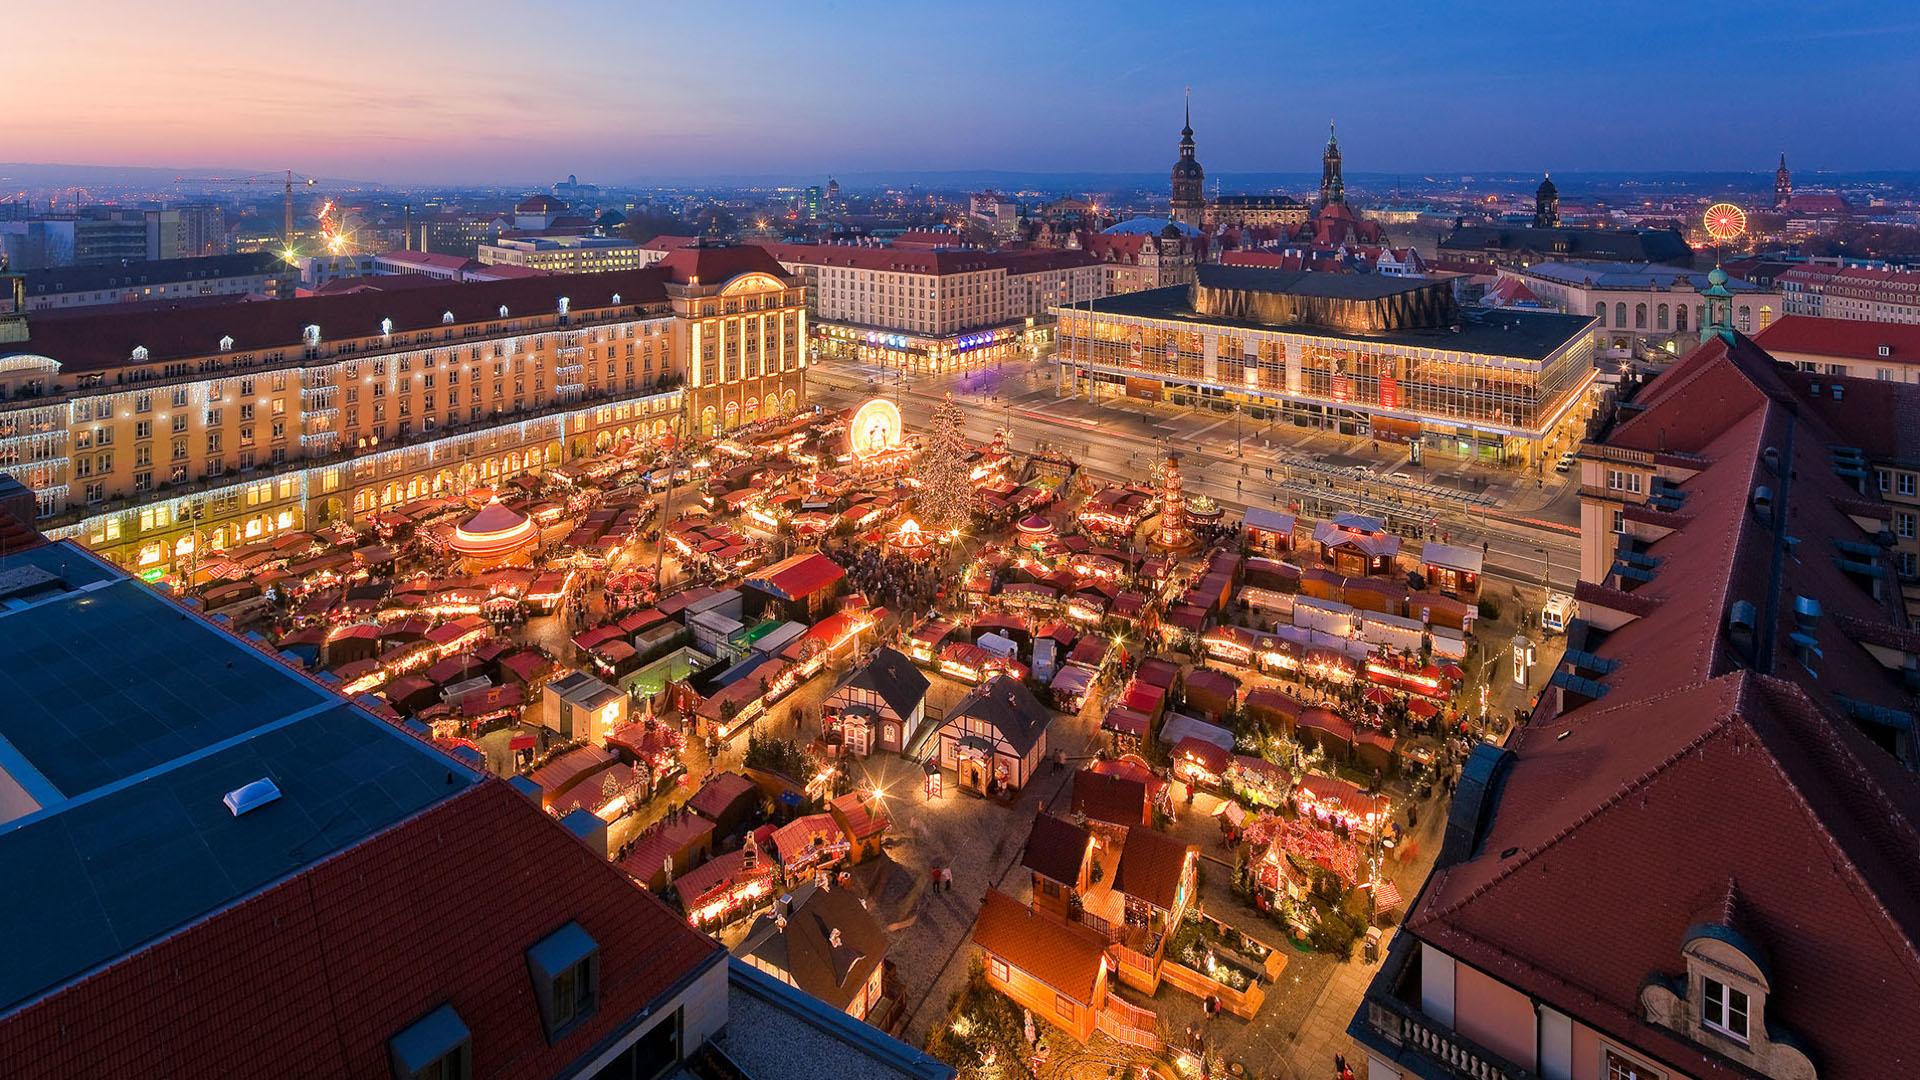 Striezelmarkt Dresden 2021 öffnungszeiten